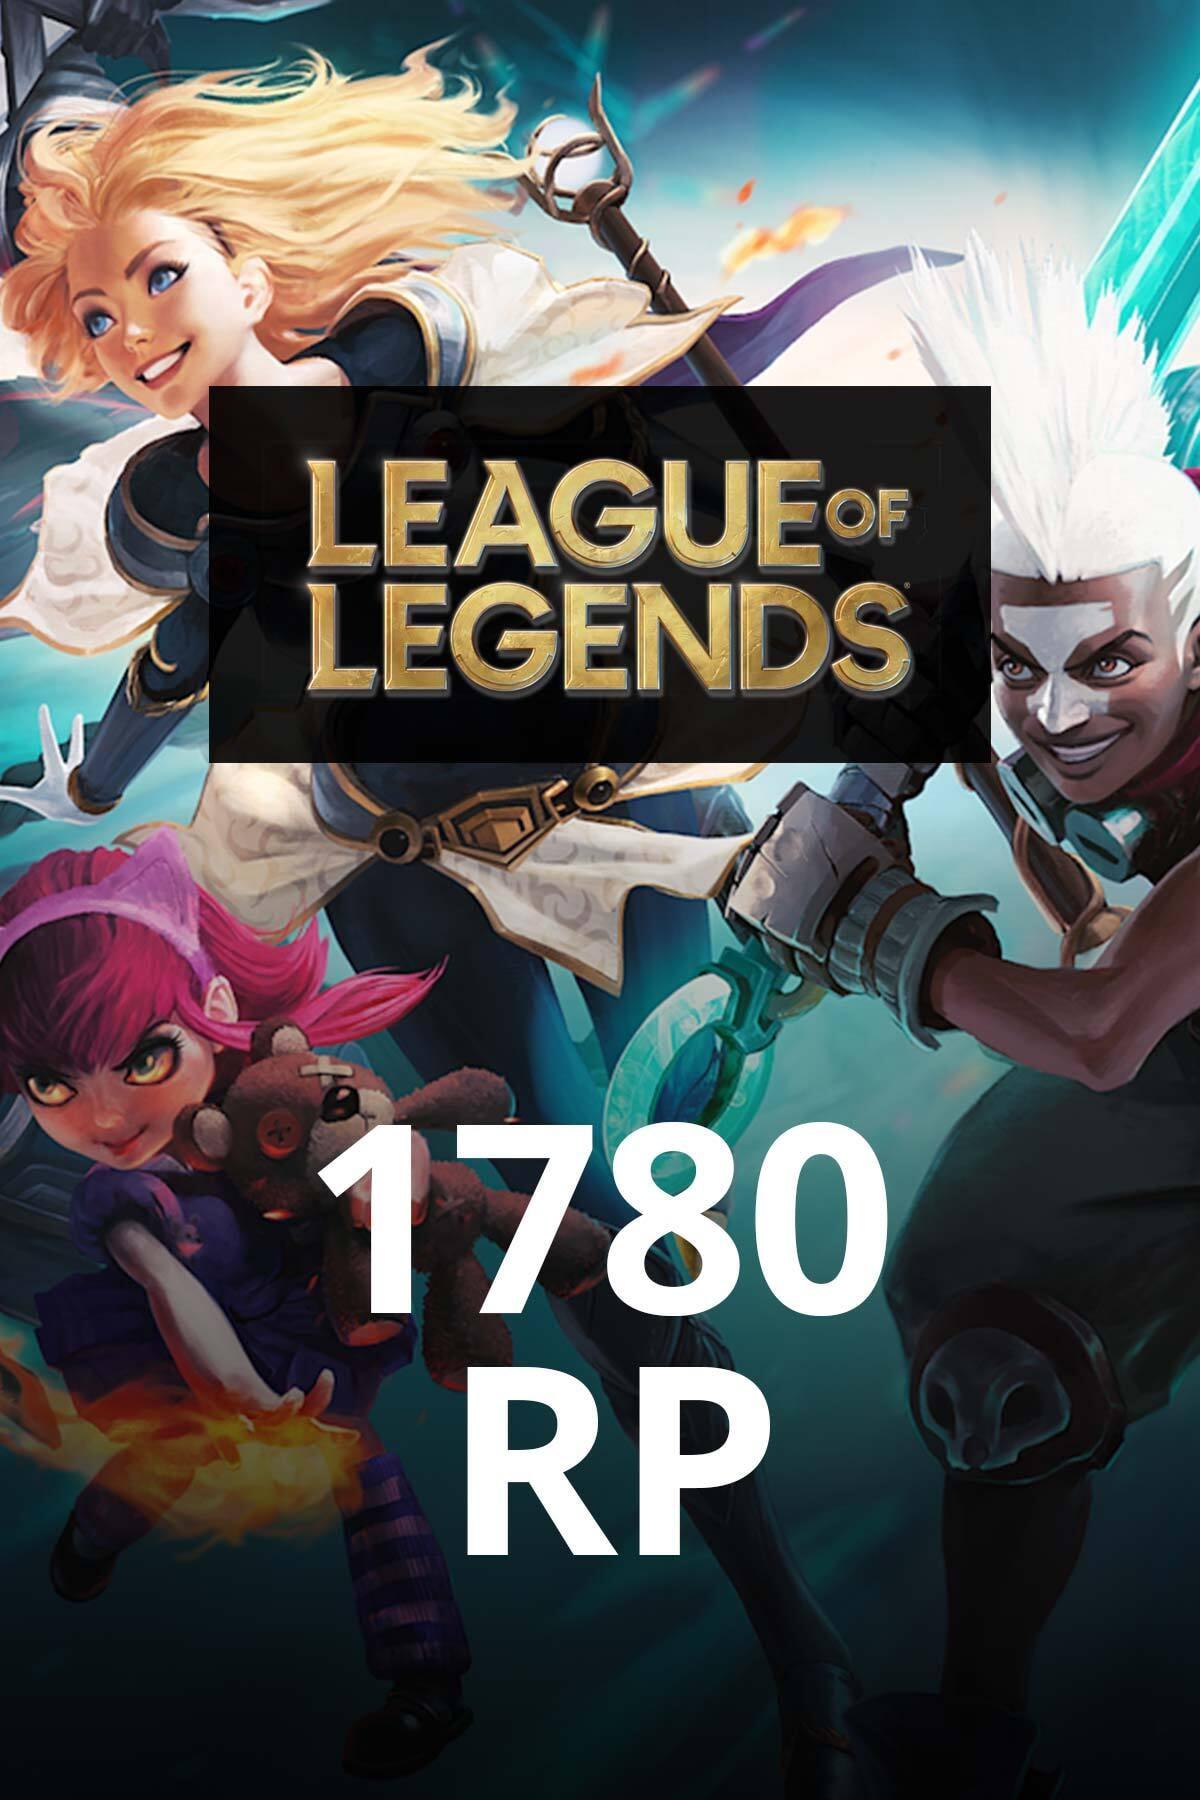 League Of Legends 1780 Rp TR